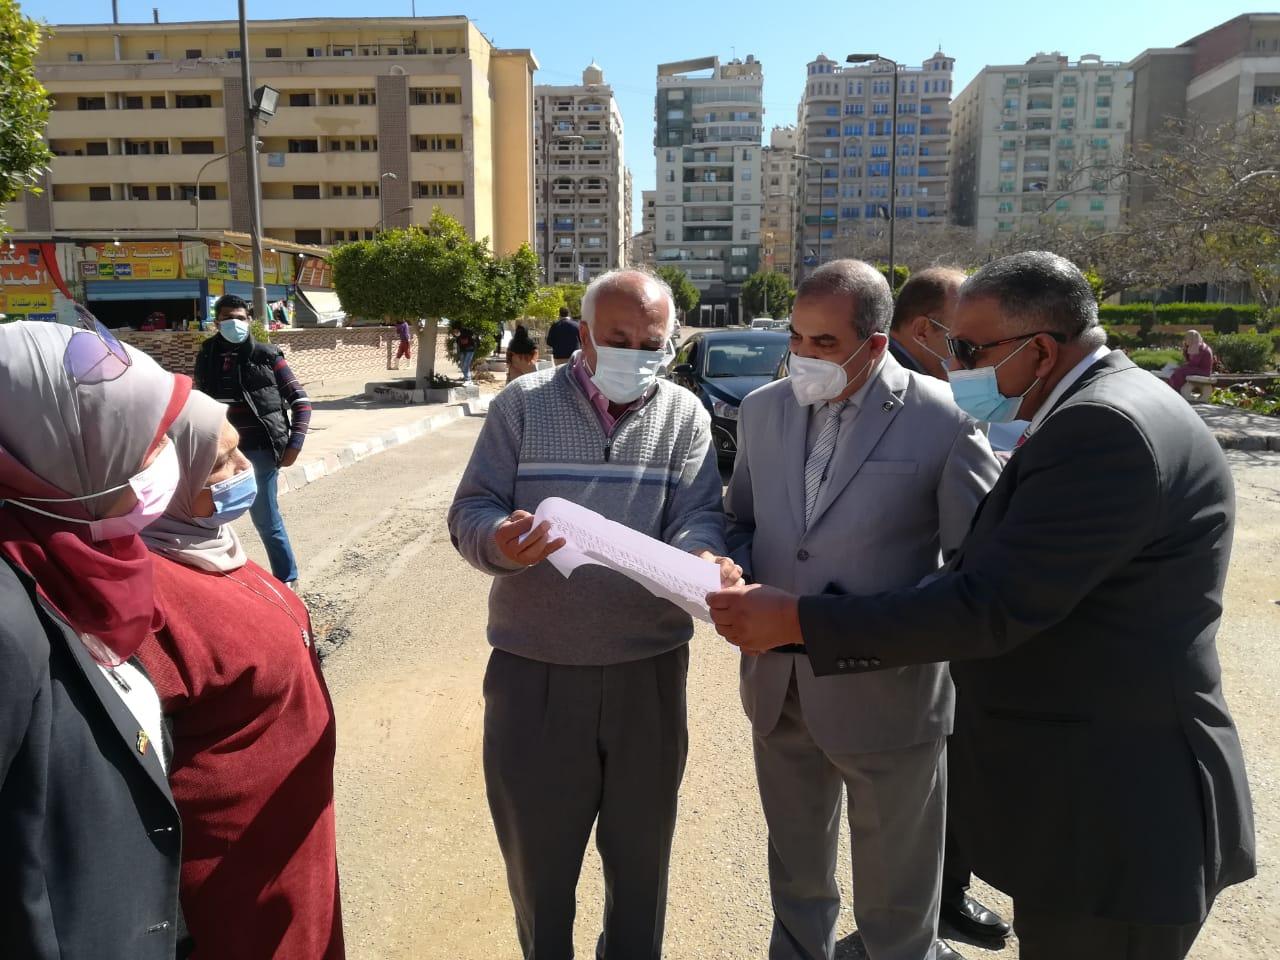 رئيس جامعة الأزهر يطالب بسرعة الانتهاء من أعمال الصيانة اللازمة بالمدينة الجامعية للطالبات